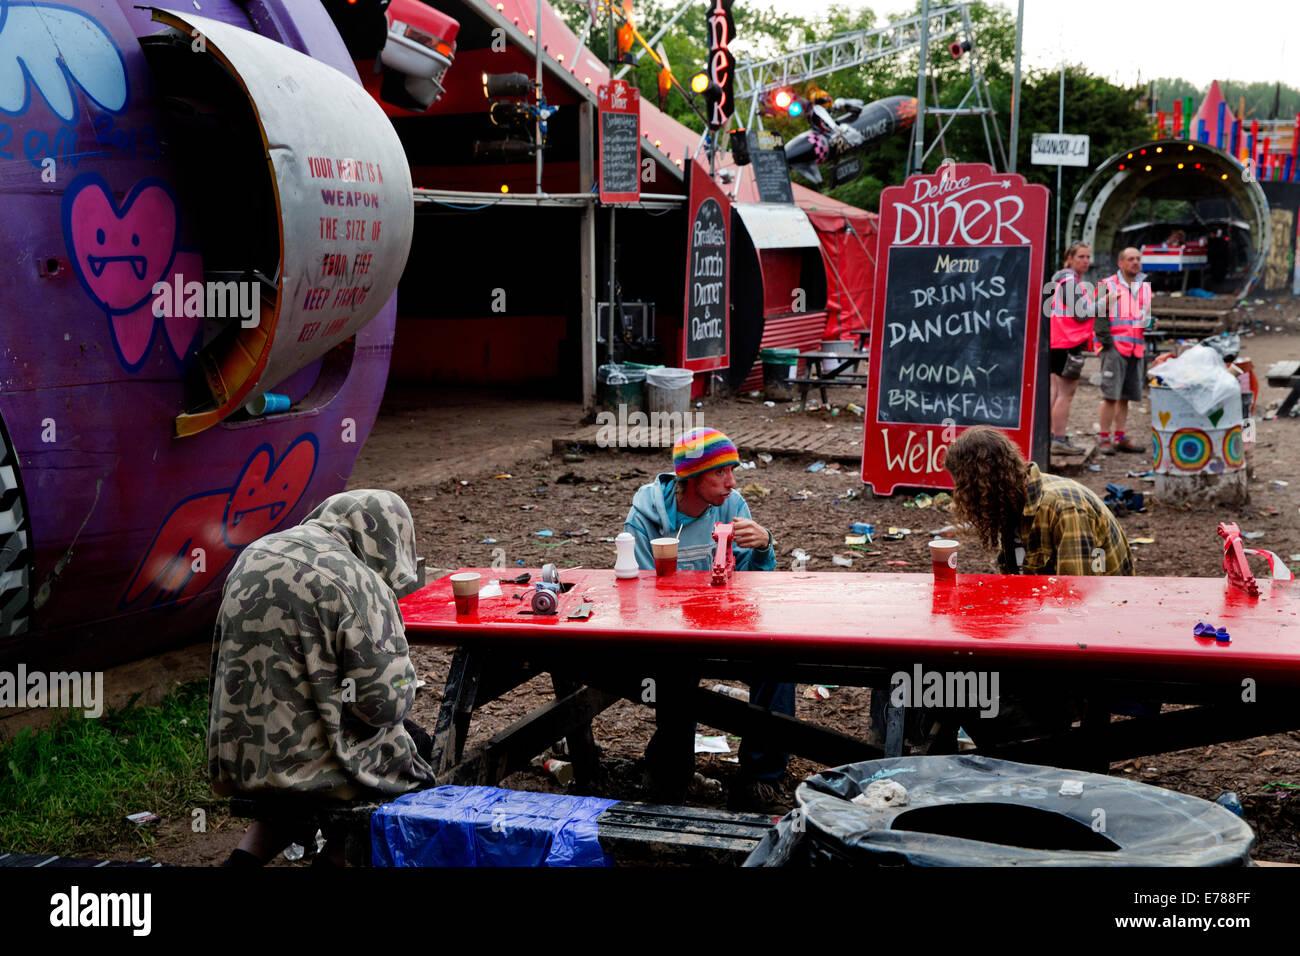 Shangri-La alla fine del partito, Glastonbury Festival 2014, alle 6 di domenica mattina Immagini Stock